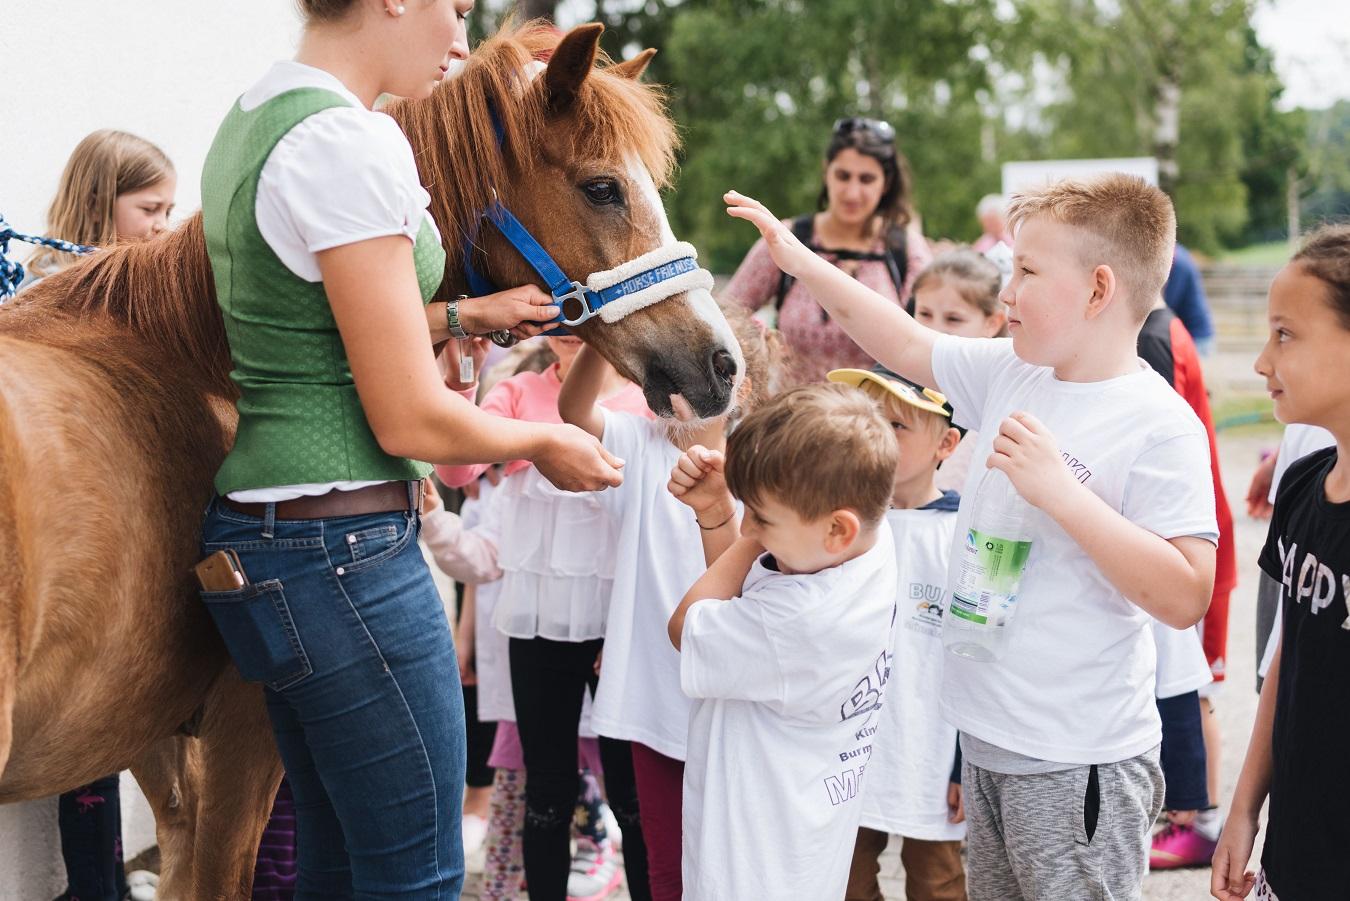 2019-06-22 PfuKeV Eltern-Kind-Tag DM Schwaiganger Oliver_Fiegel - Kinder und Pony (I)